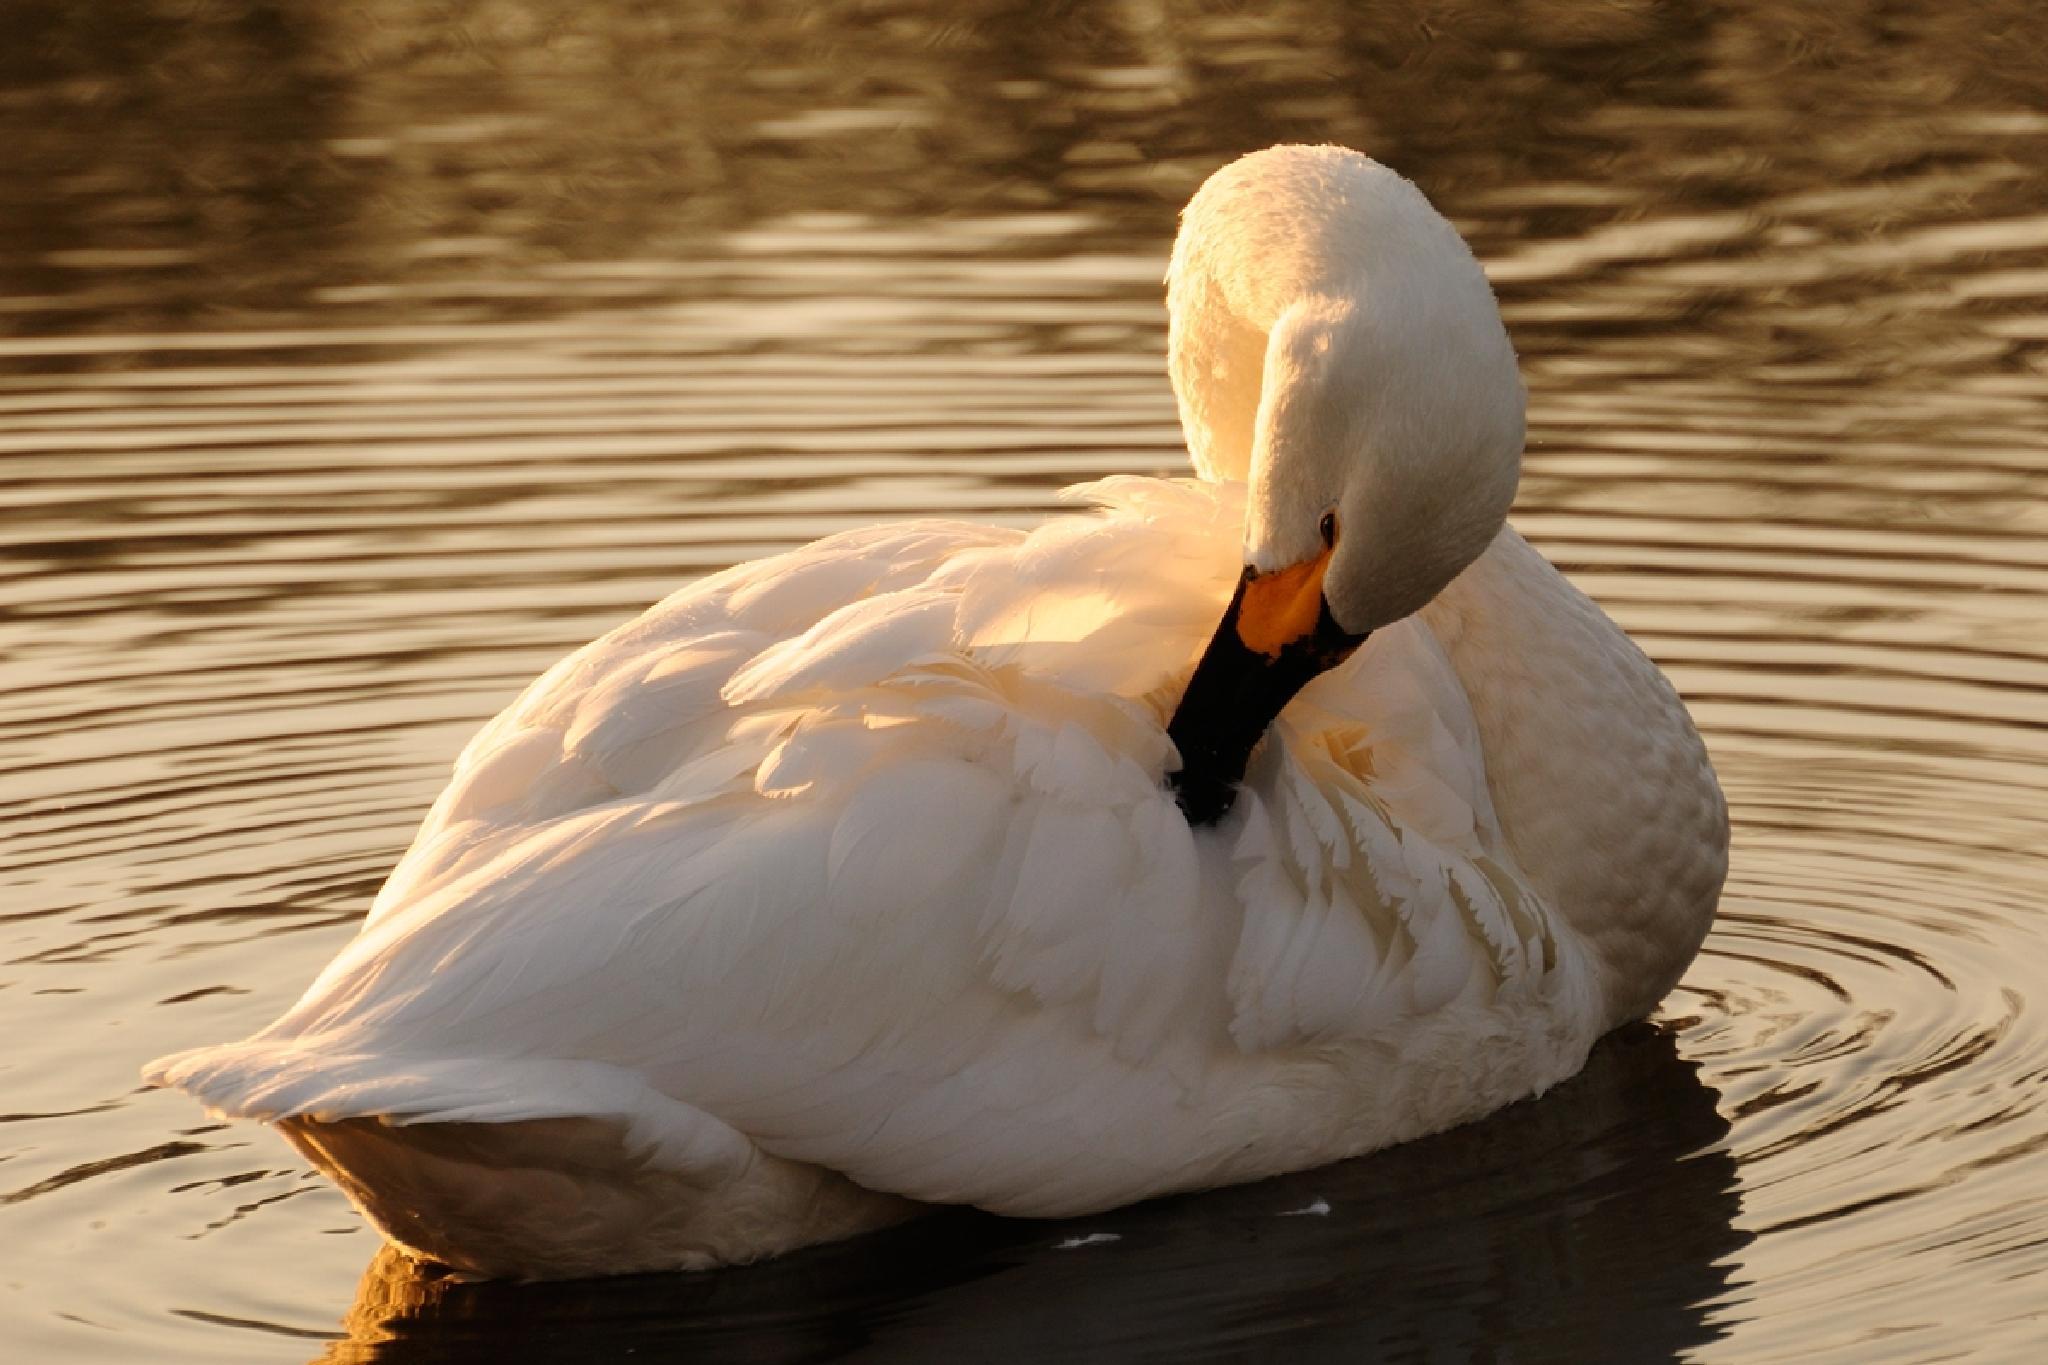 Tundra swan by Mubi.A